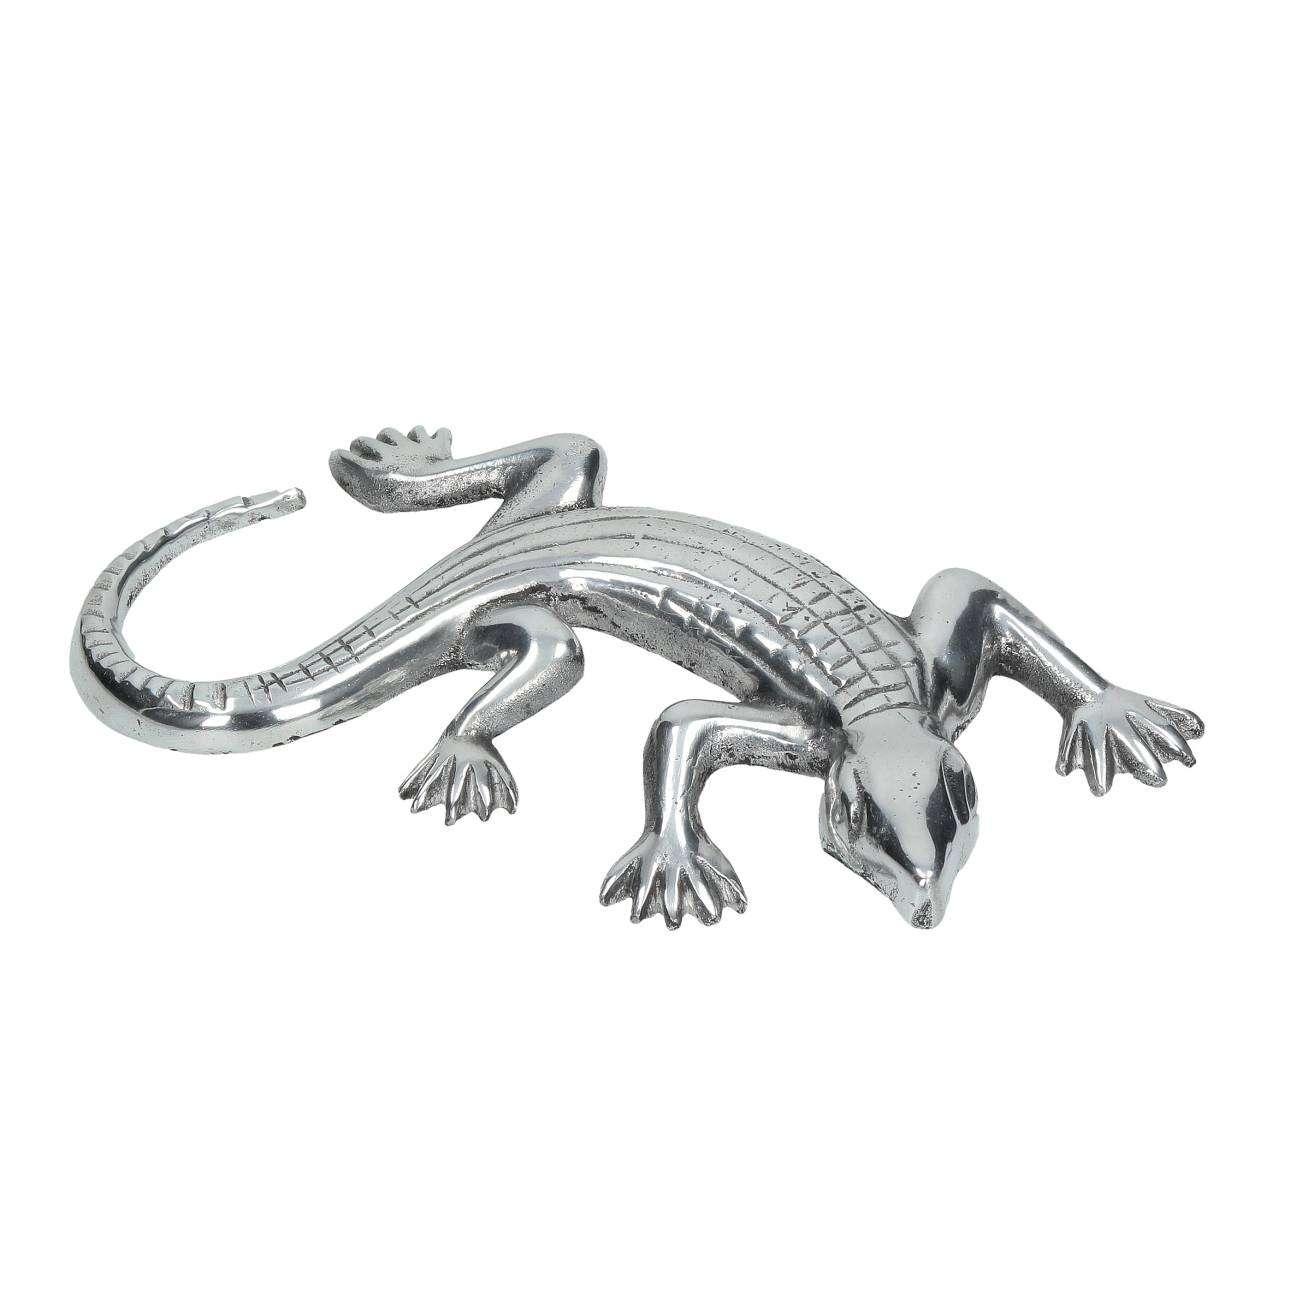 Dekoracja Lizard 28x15x3cm 28x15x3cm